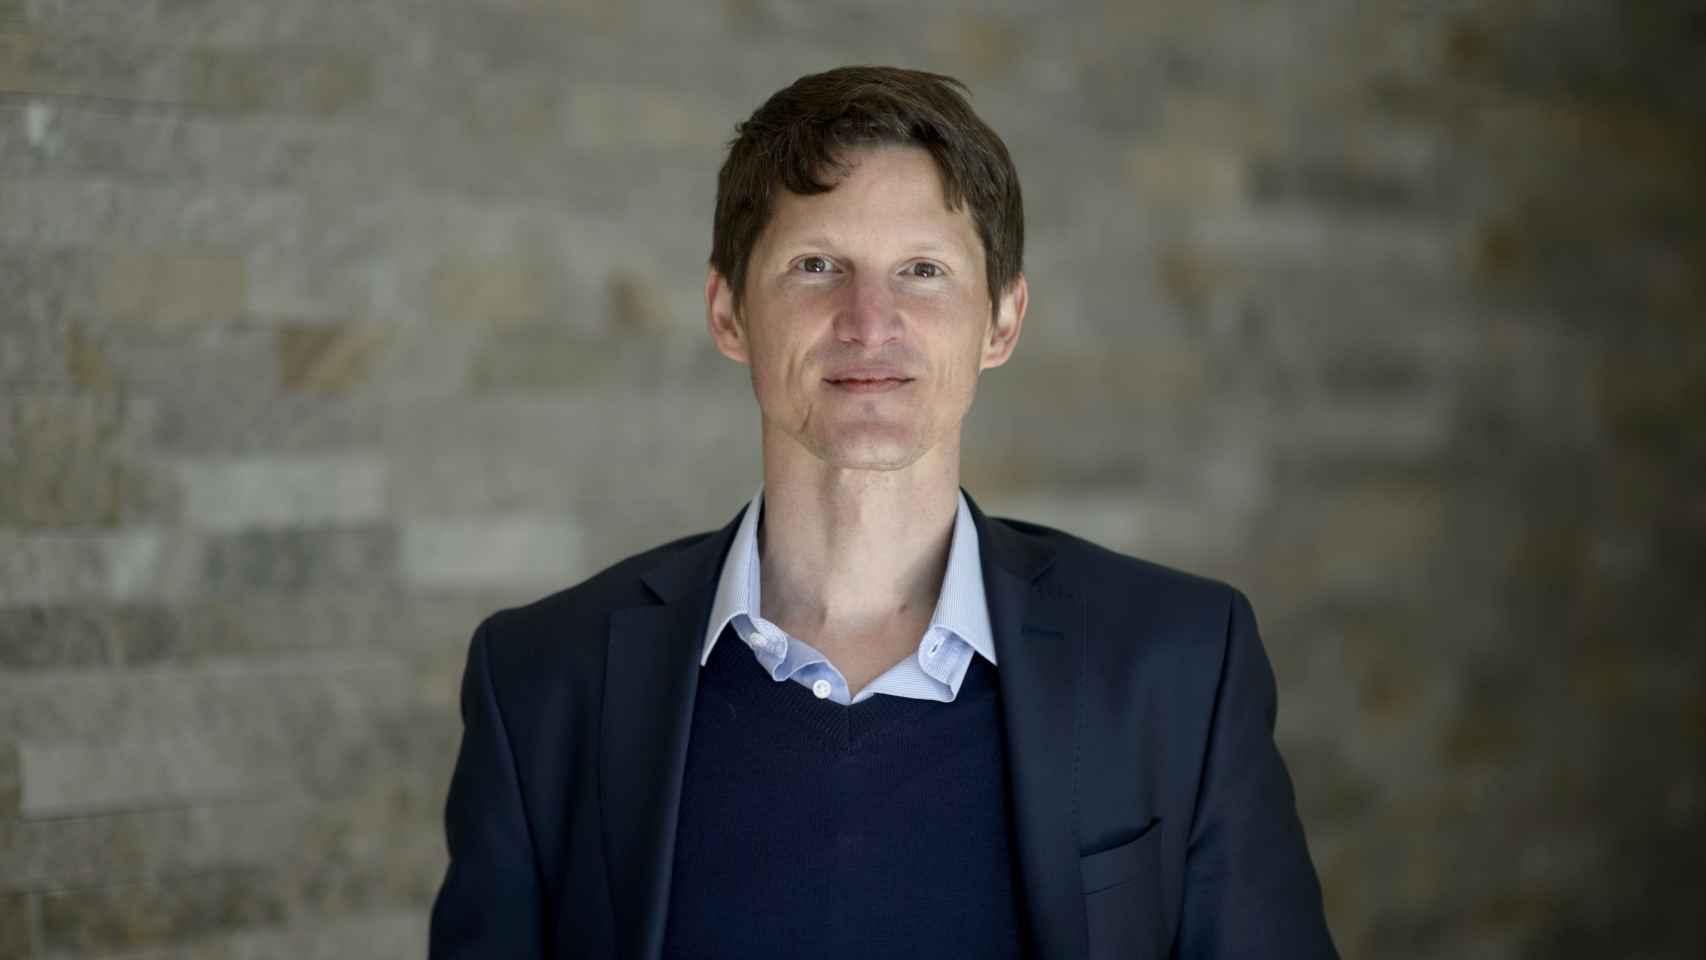 El director de Unifrance, organismo encargado de promover el cine francés.